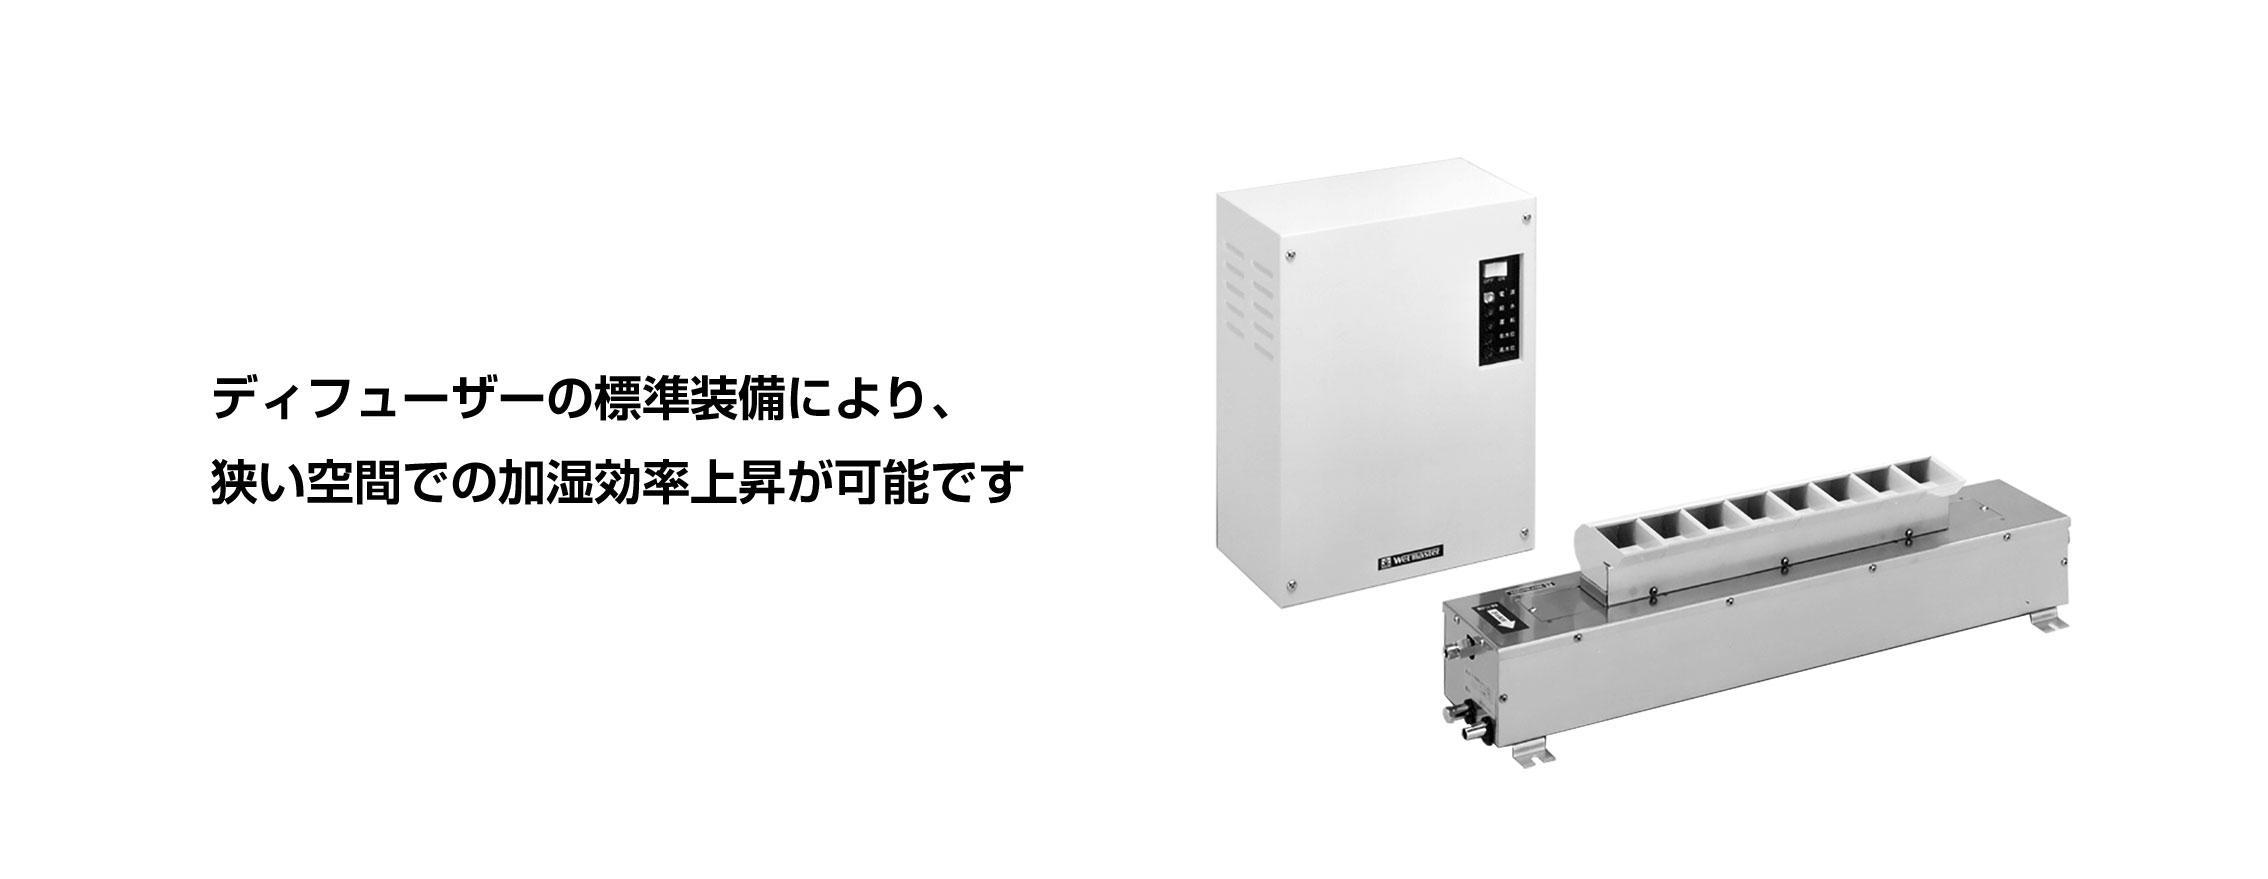 超音波式加湿器DNE/DNP